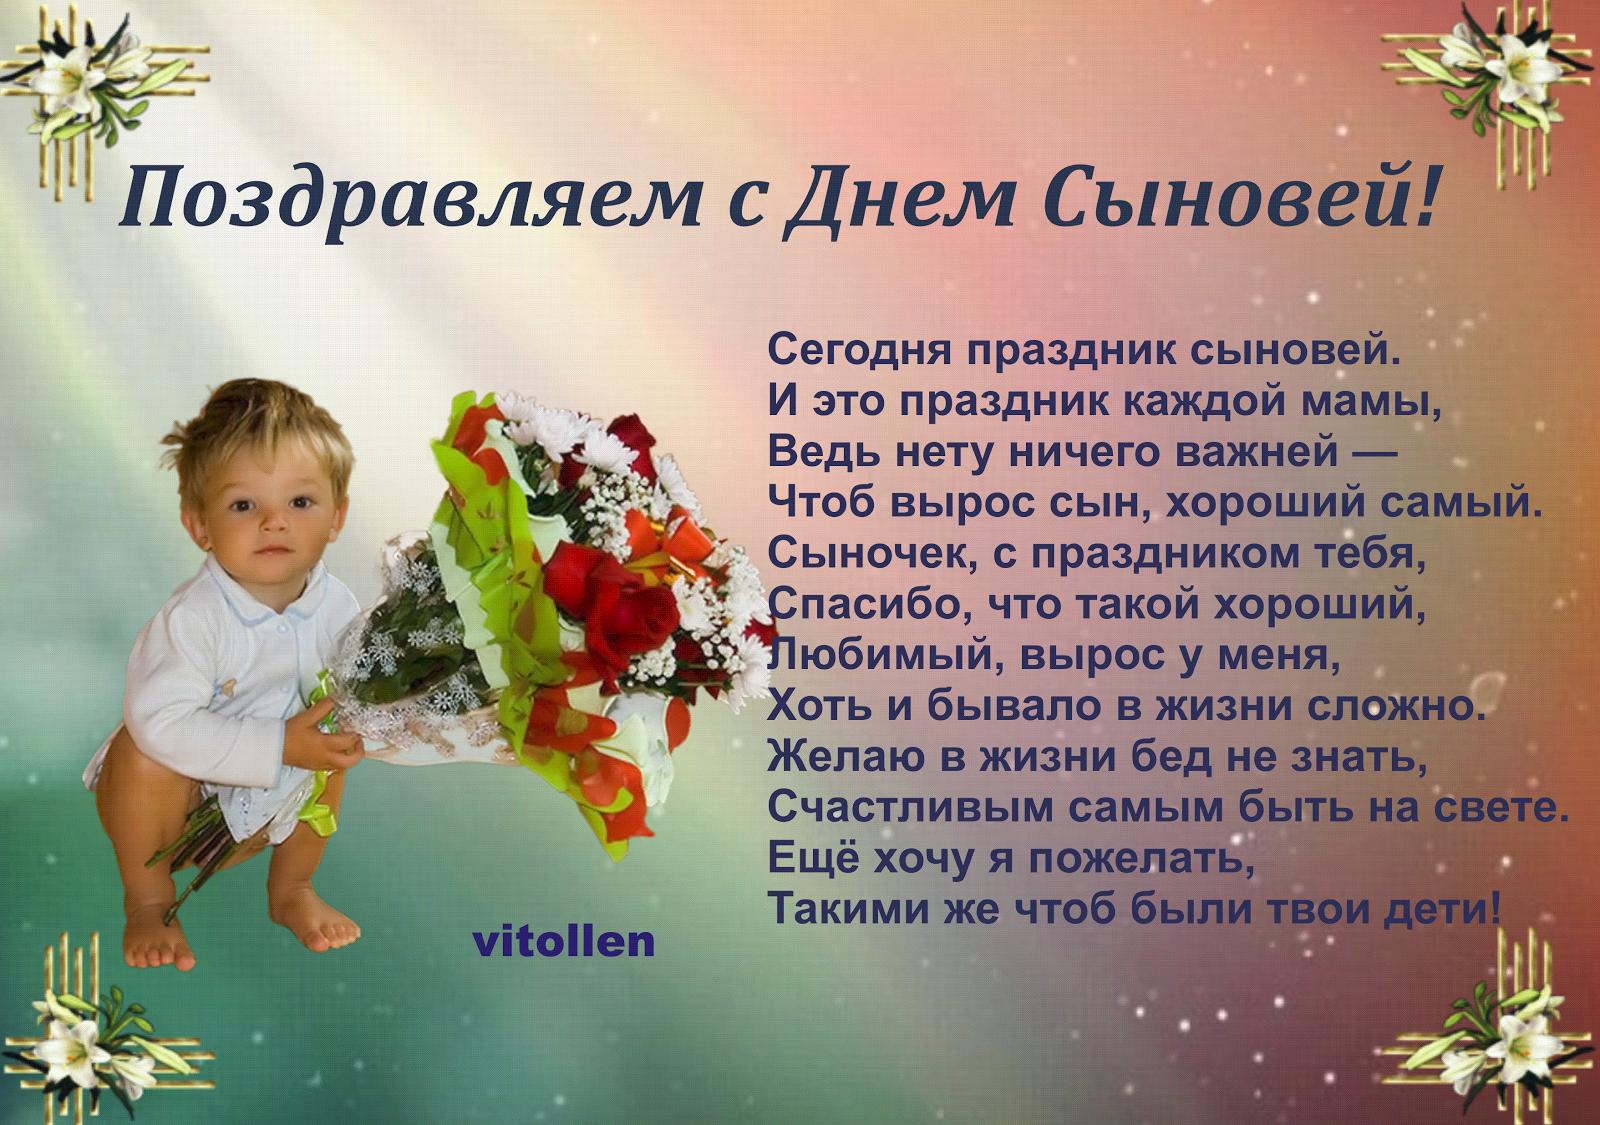 Покровом пресвятой, поздравление открытка с днем сыновей